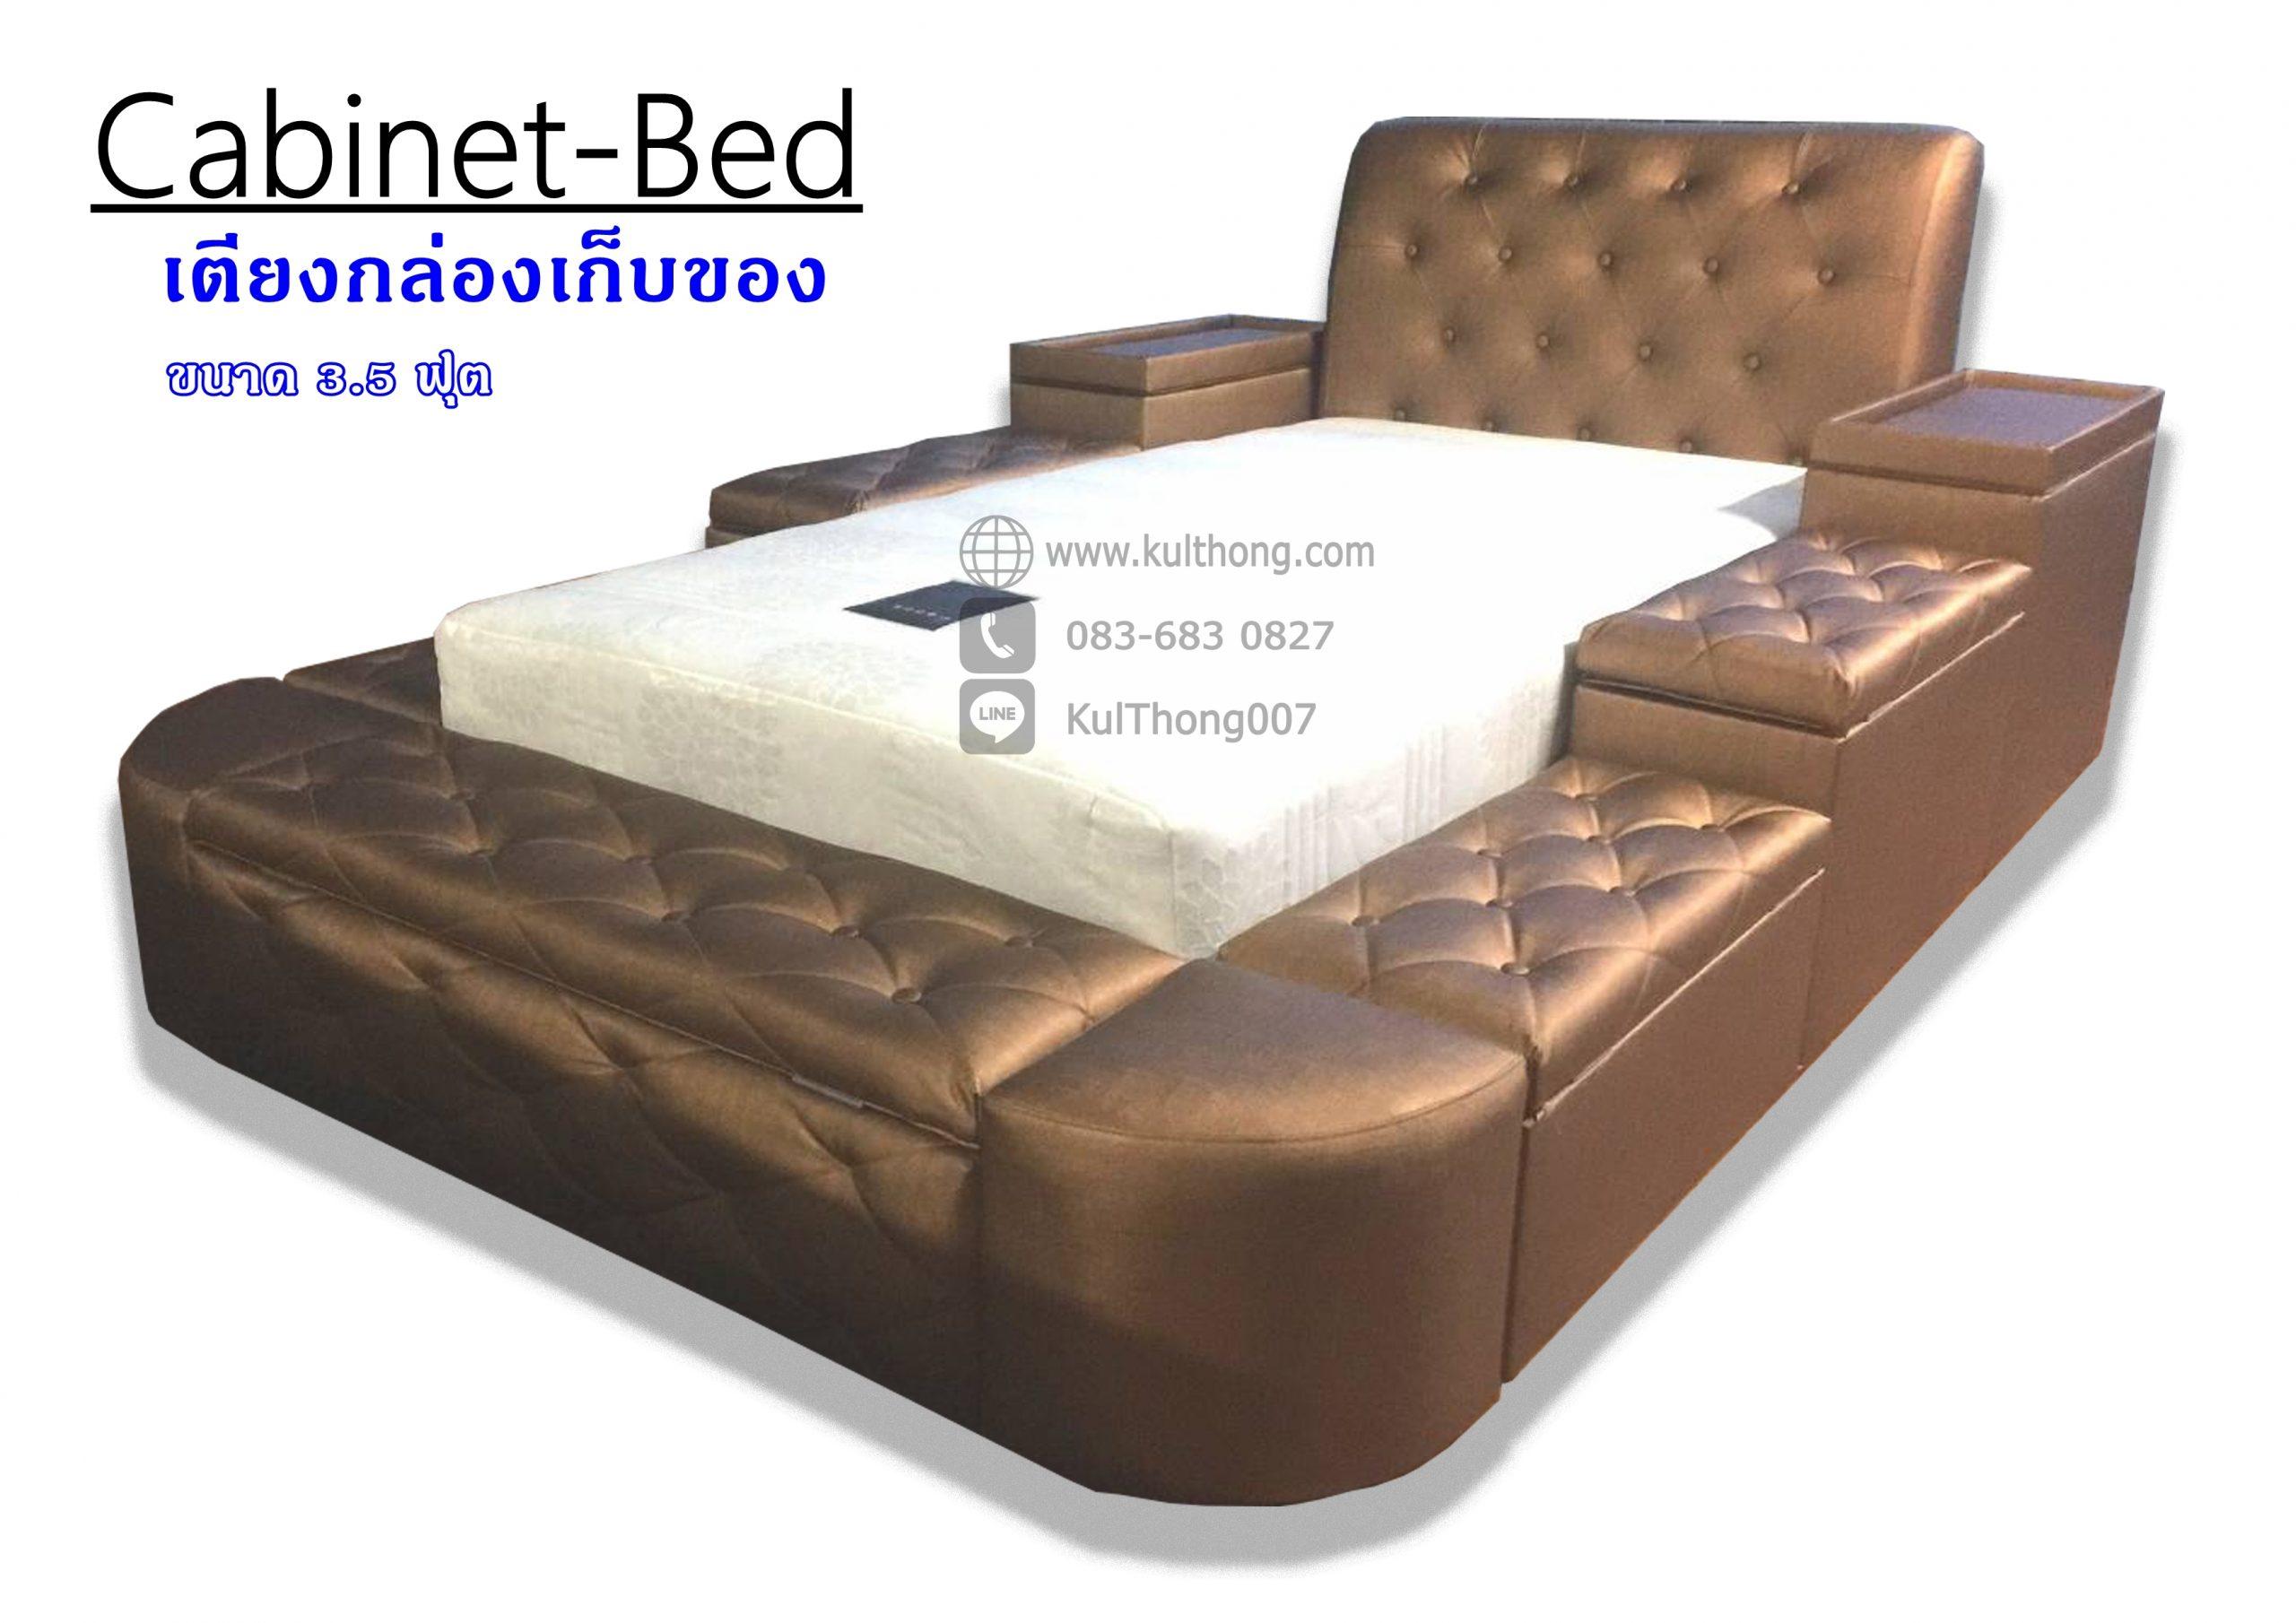 เตียงกล่อง 3.5 ฟุต เตียงกล่องเก็บของ เตียงมีกล่อง เตียงเปิดเก็บของ